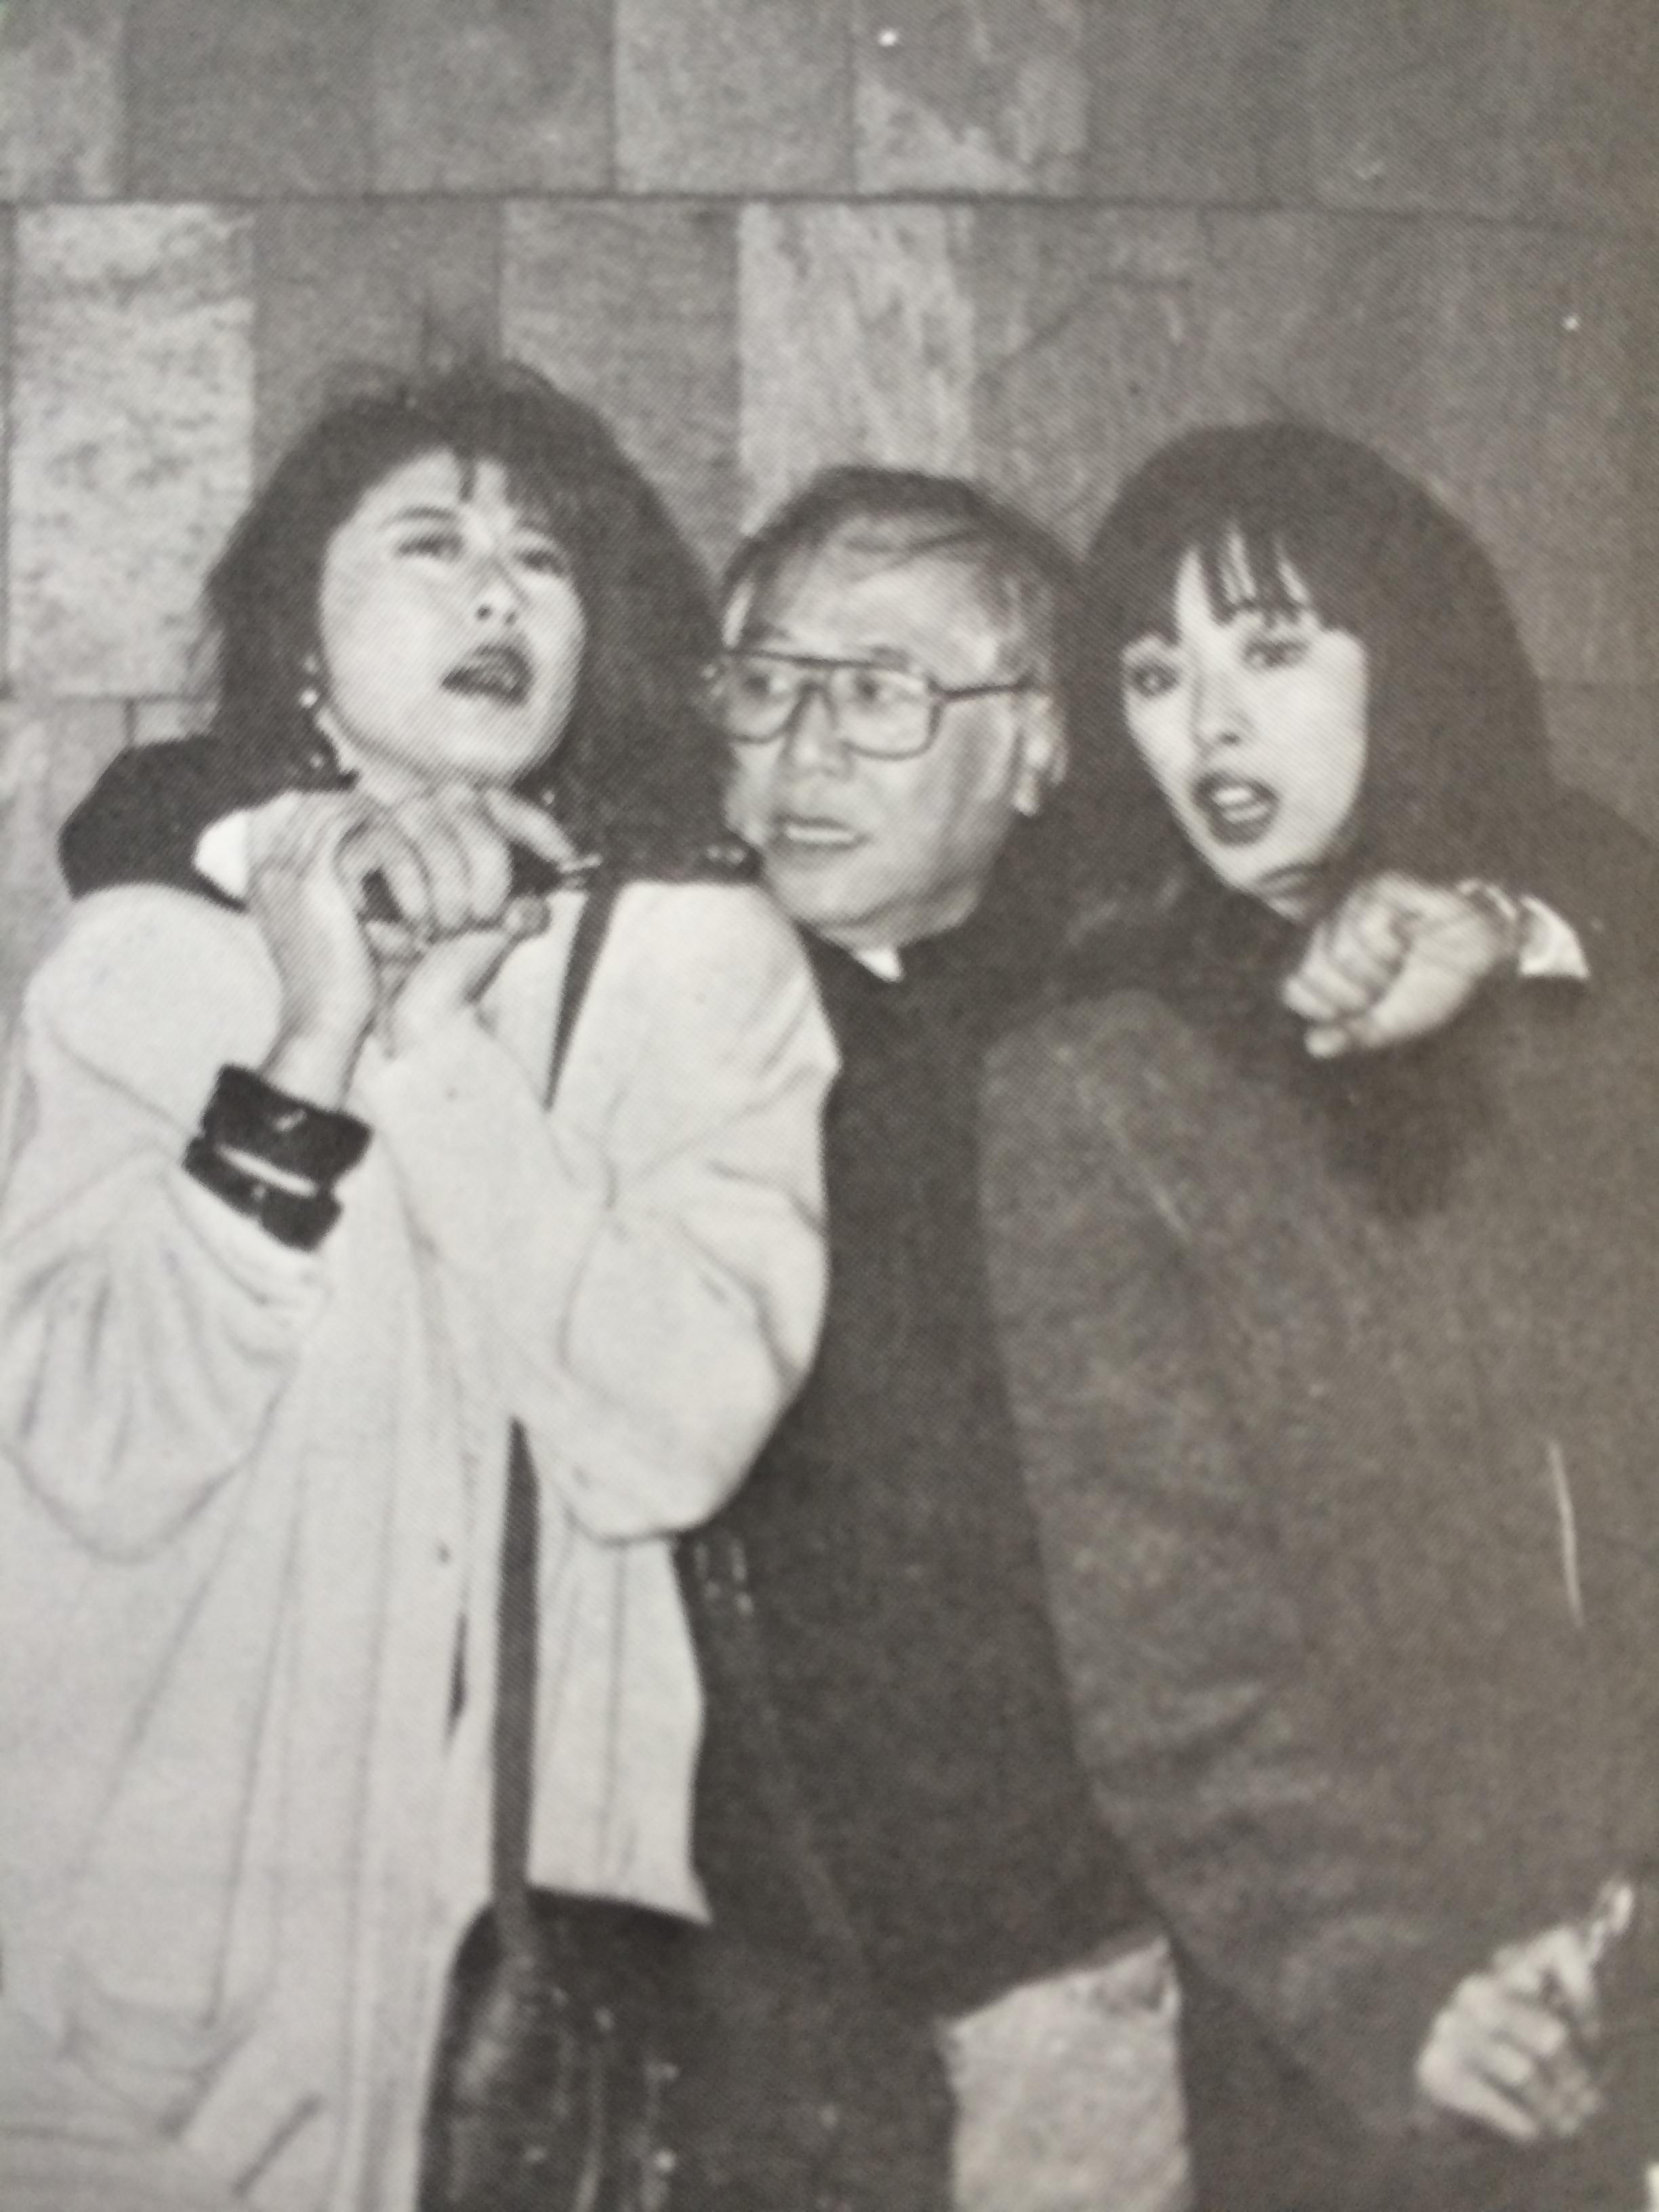 Joey Wang and Sally Yeh in Daai jeung foo yat gei (1988)